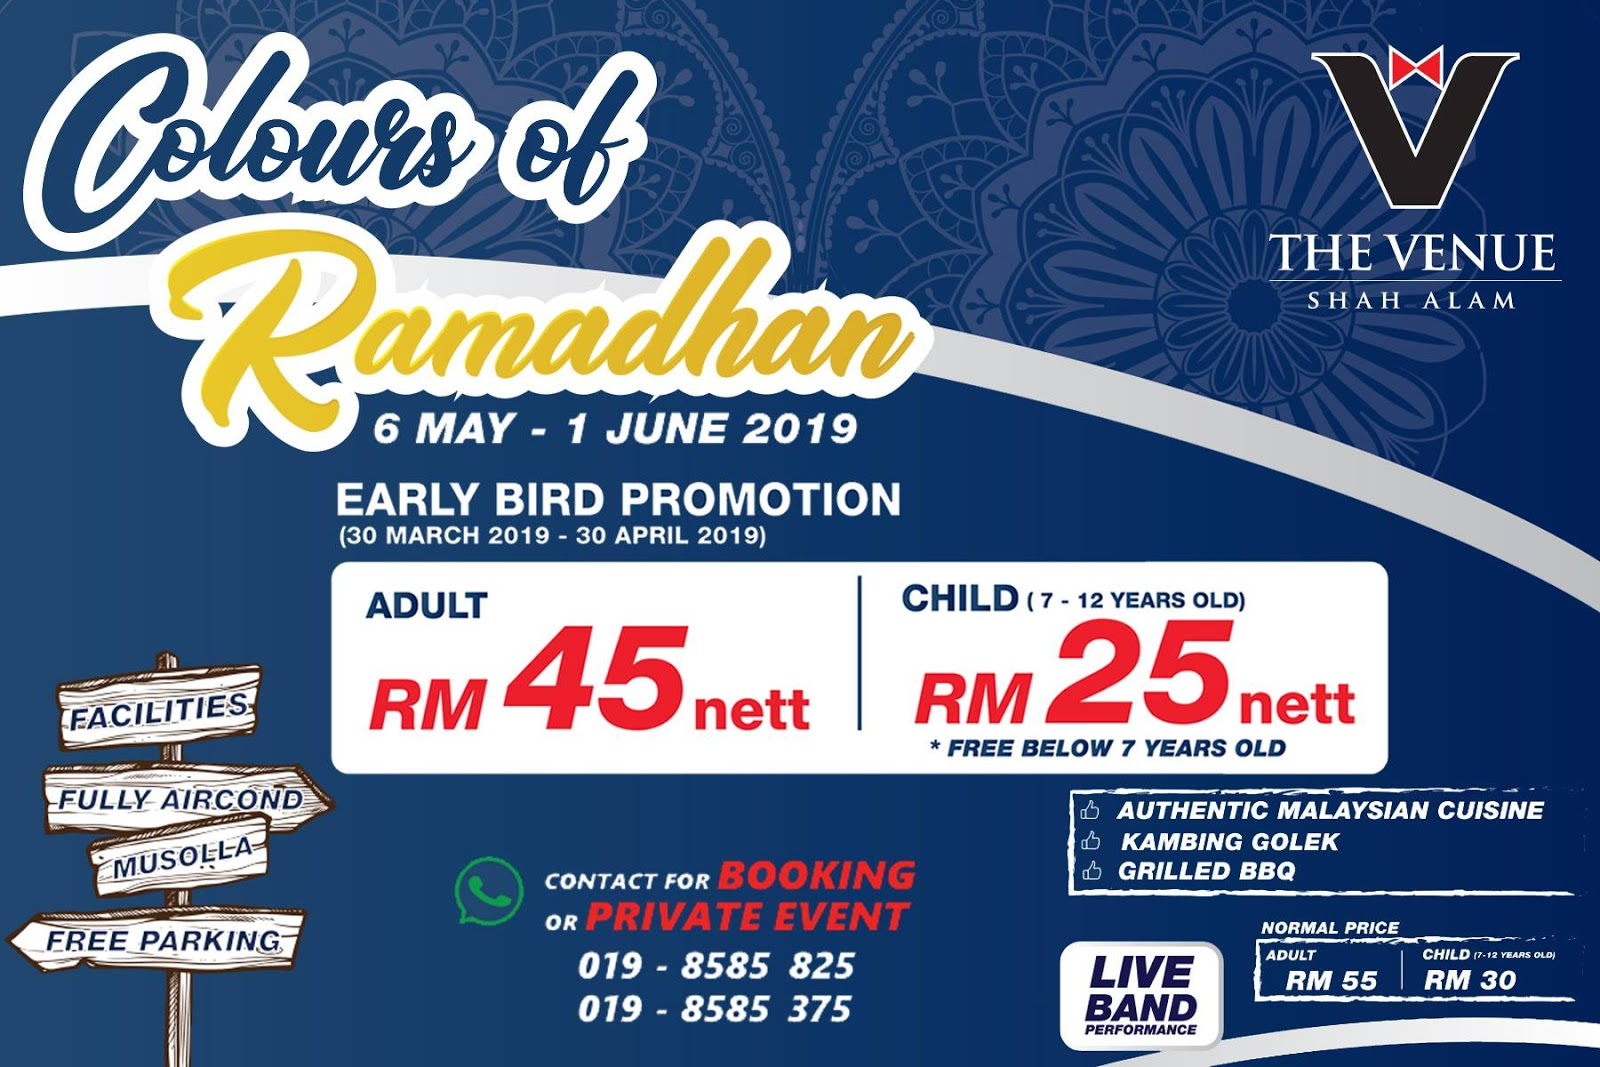 The Venue Shah Alam, Buffet Ramadhan murah di Shah Alam, Buffet Ramadhan 2019, Buffet Ramadhan Shah Alam, Rawlins Eats, Rawlins GLAM